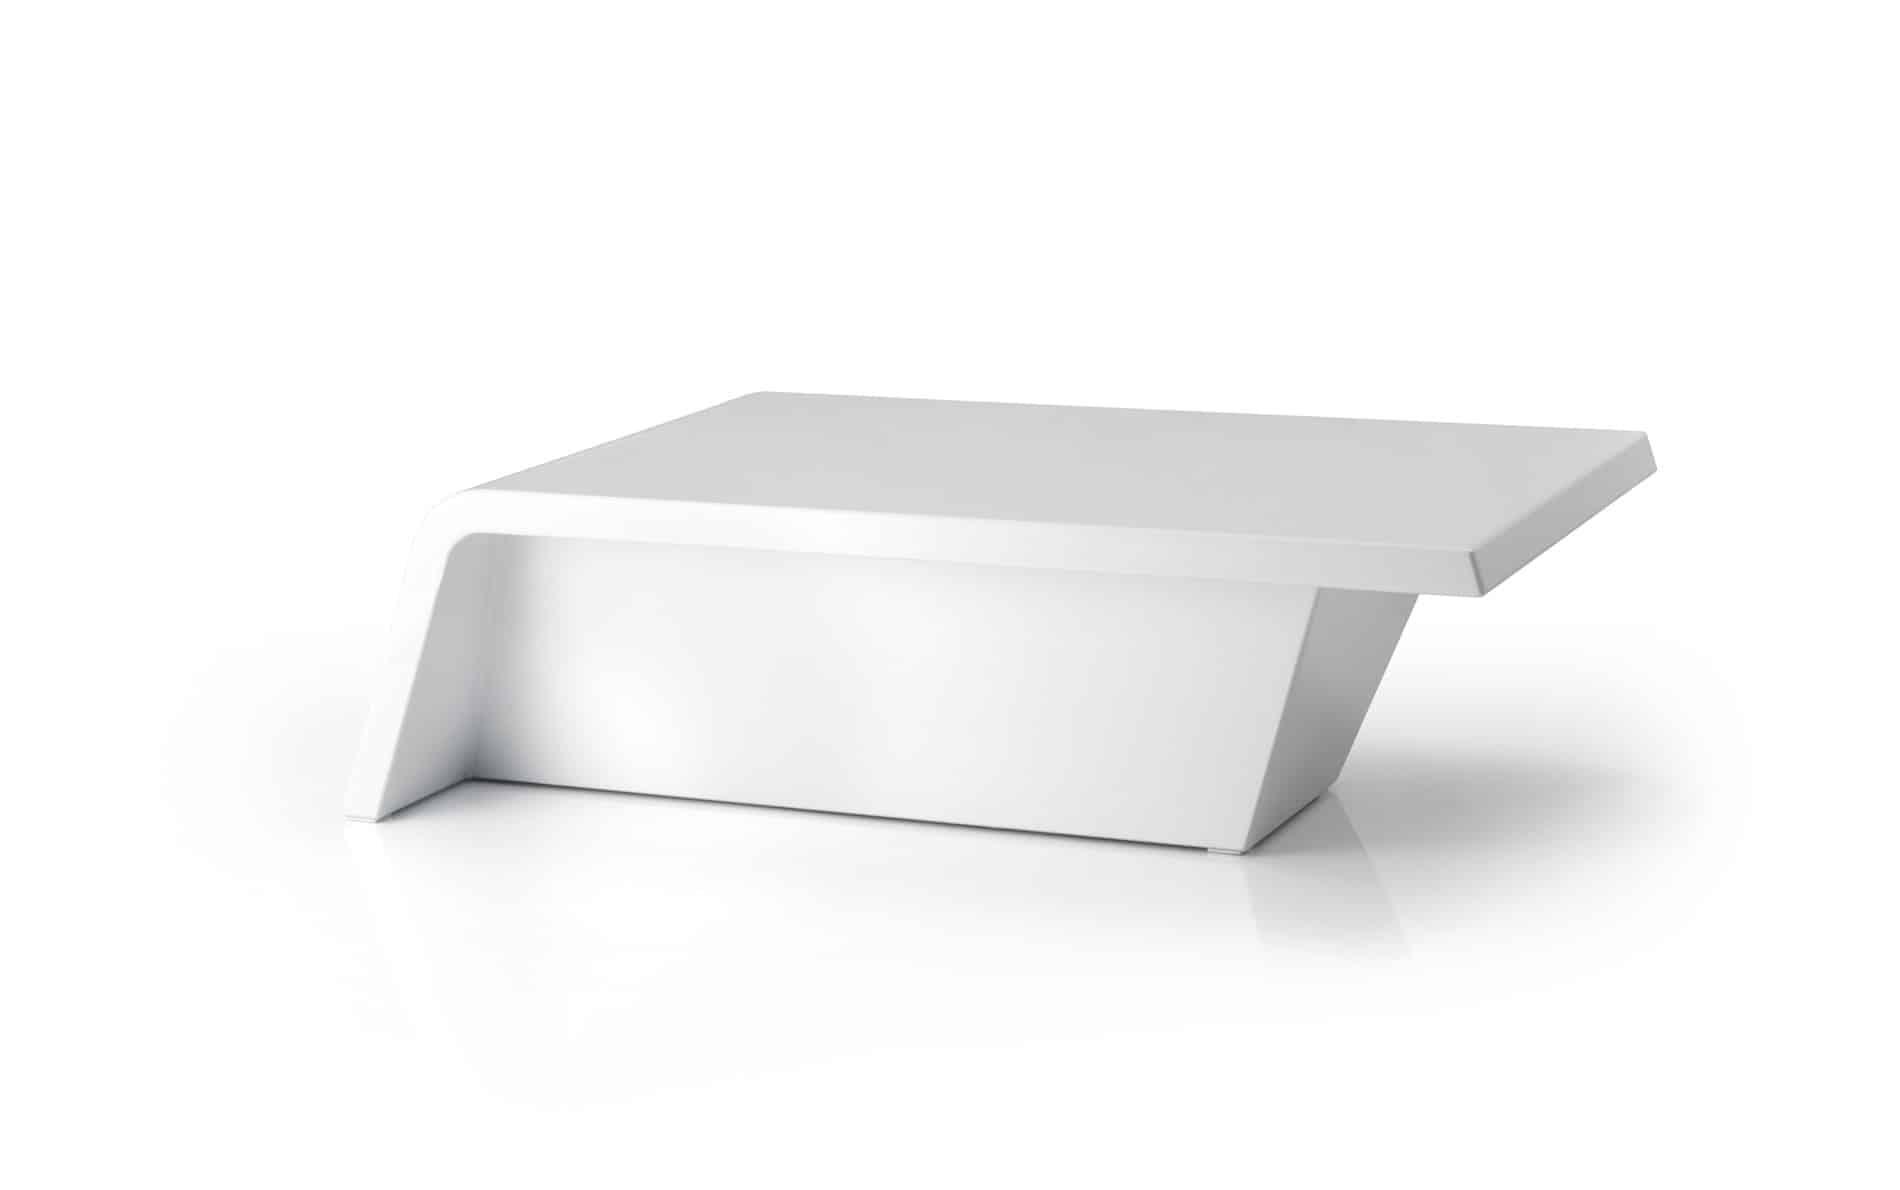 couchtisch plexiglas g nstig kaufen. Black Bedroom Furniture Sets. Home Design Ideas